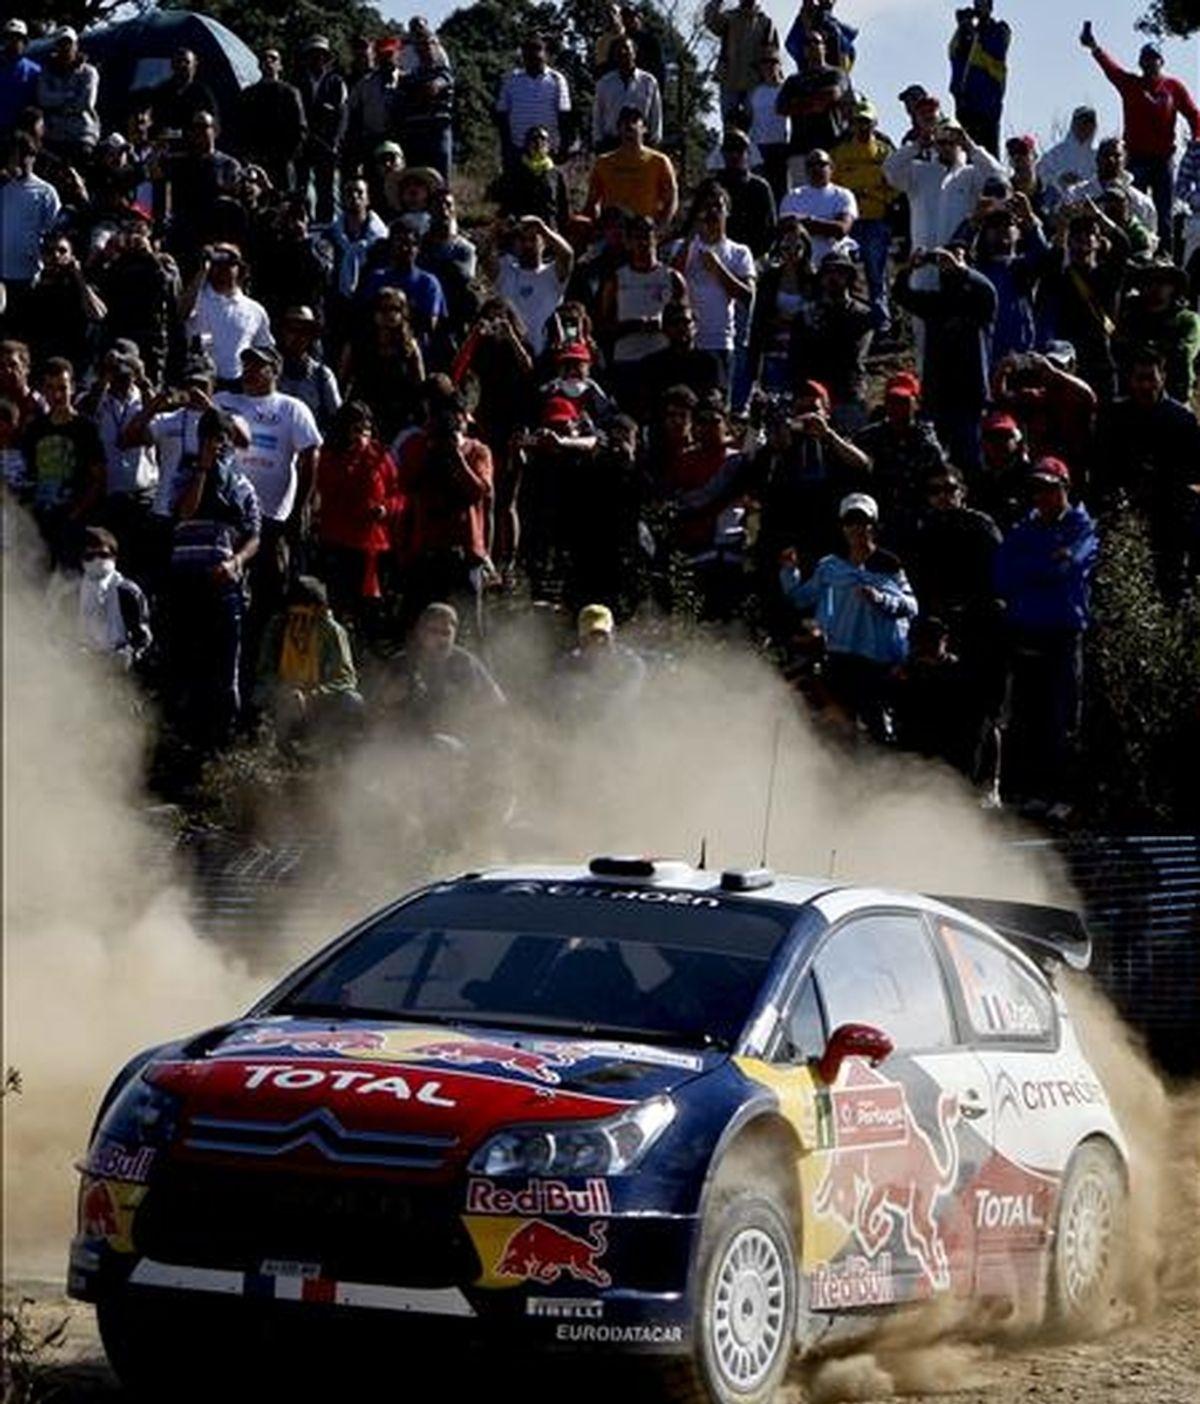 El piloto francés Sebastien Loeb participa en la tercera jornada del rally de Portugal, disputado en Almodovar (Portugal).  EFE/Archivo